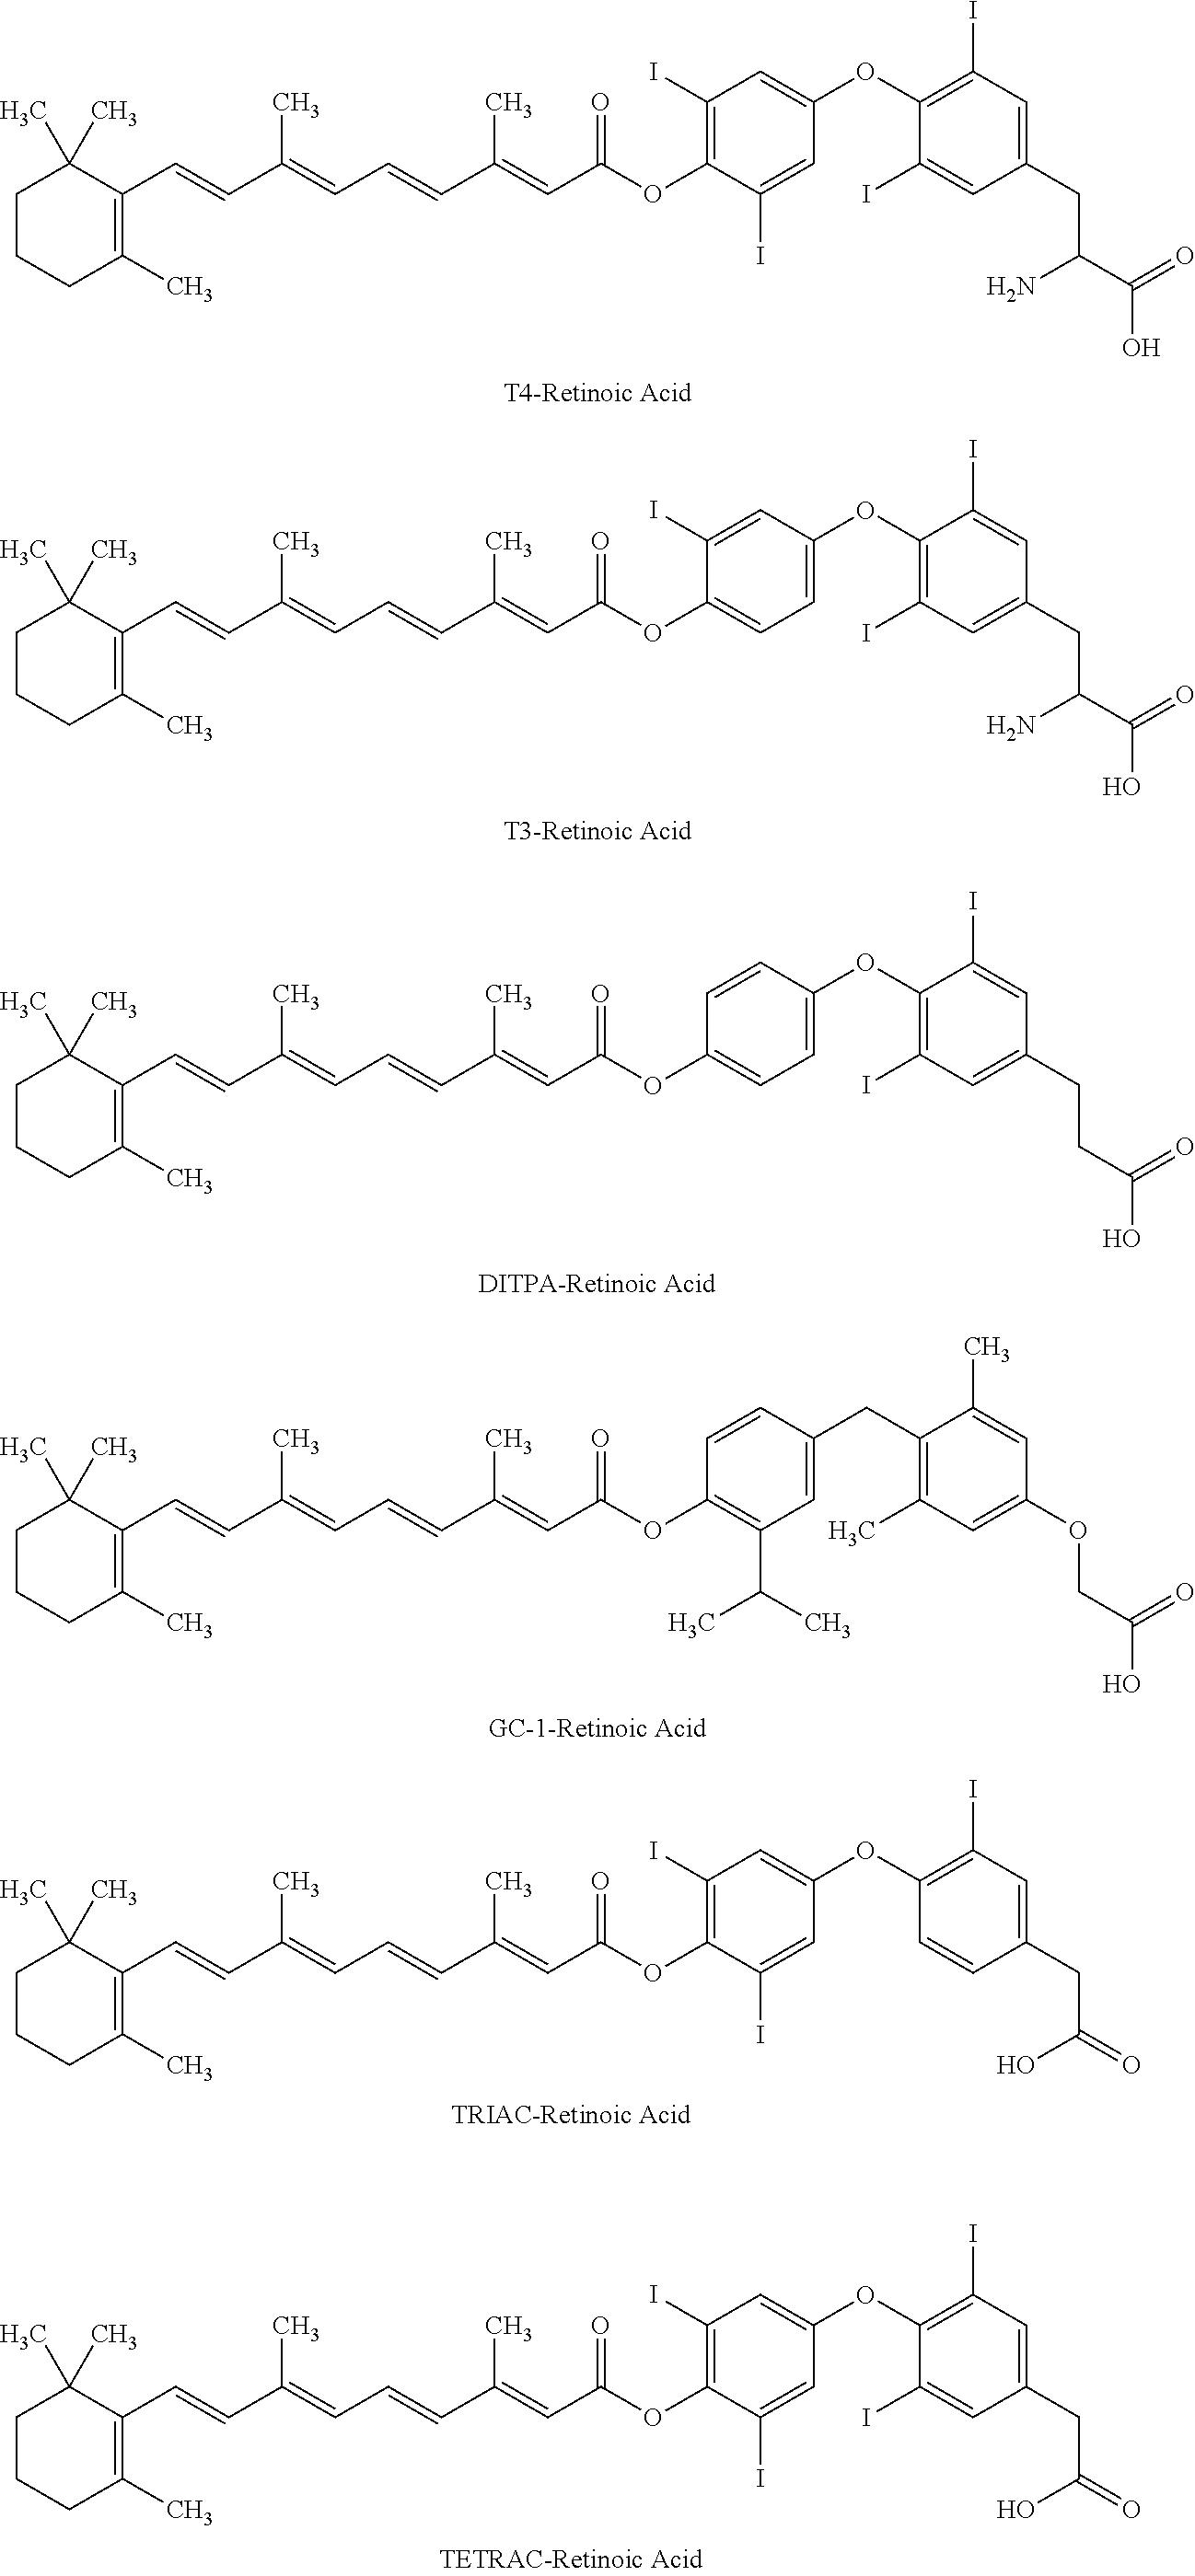 Figure US09579300-20170228-C00028